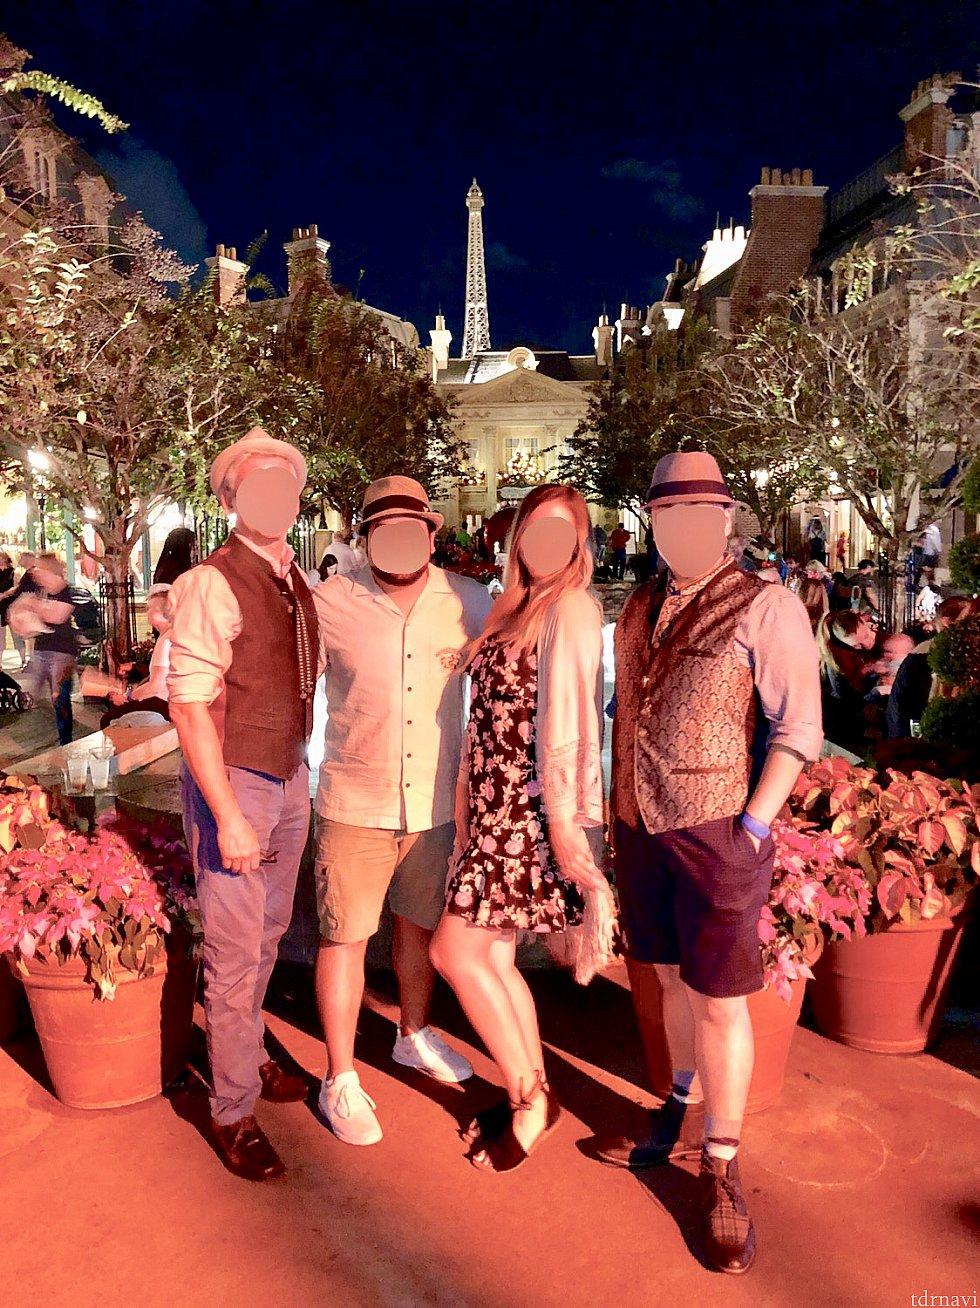 僕の友達グループと撮った一枚。僕は夏のドイツ旅行で購入したベストとネックレスでドイツの民族衣装で参加してみました。日本人がなぜドイツの?と突っ込まれそうですが、Dapper そのものも日本とはかけ離れているので、そこはご愛嬌。ドイツ館では無くフランス館で。それもご愛嬌。笑